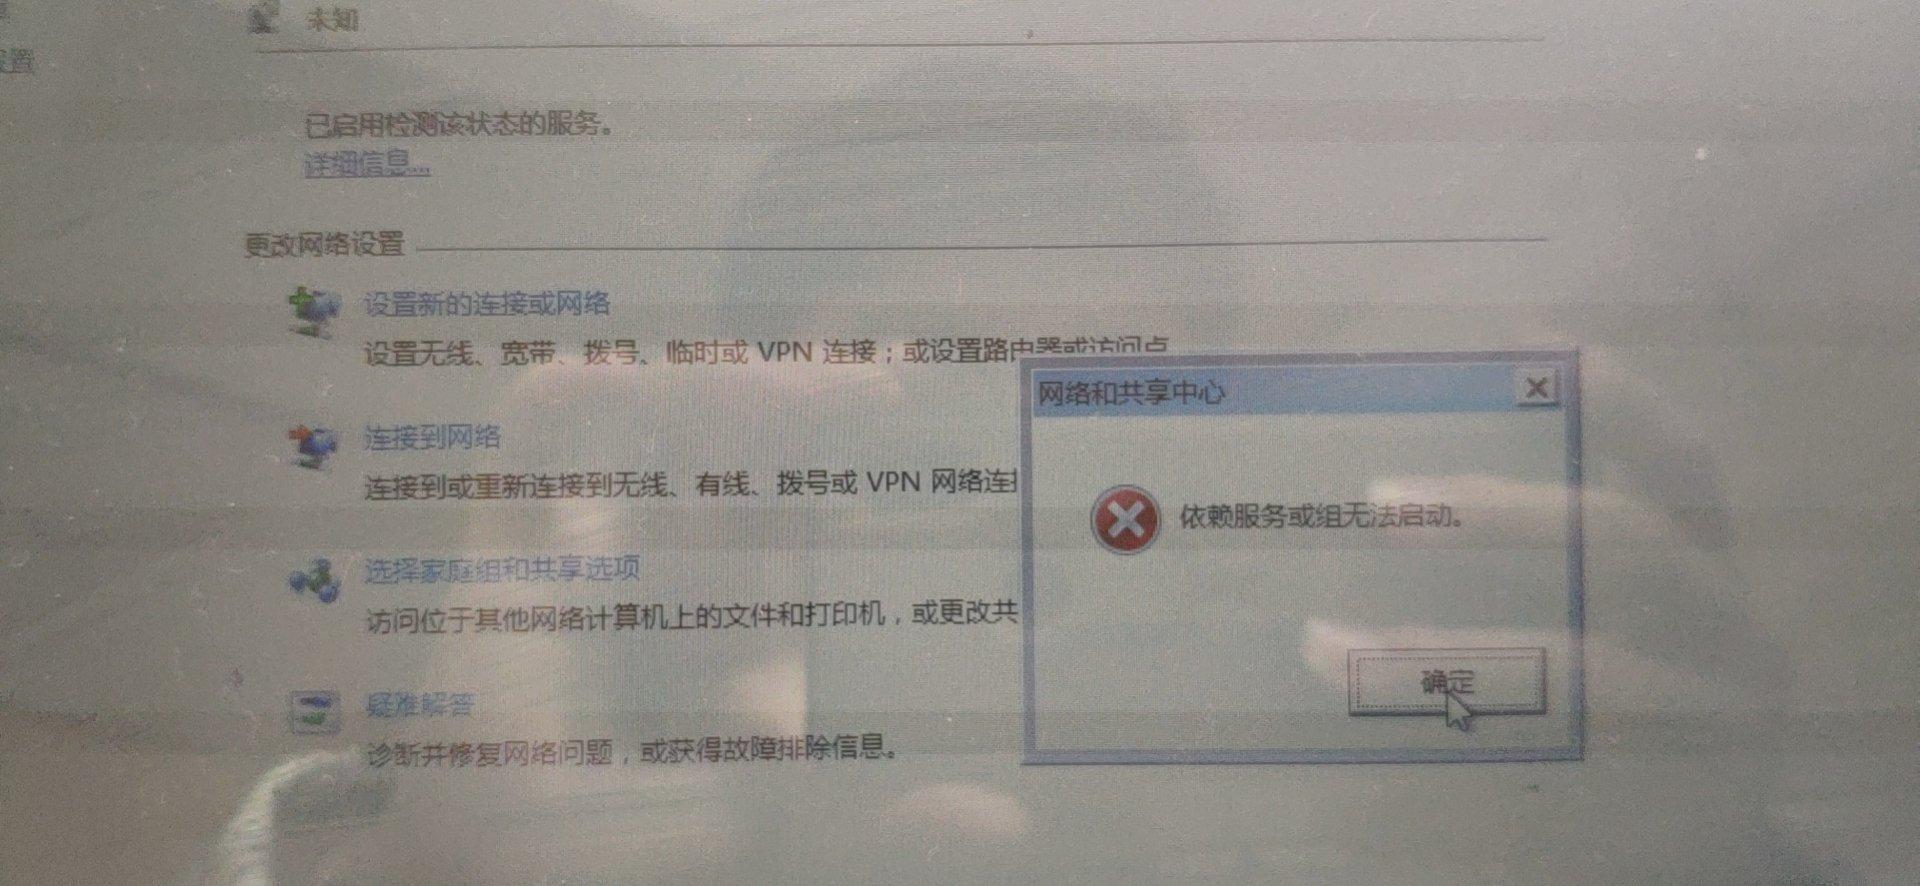 系统网络组件无法启动